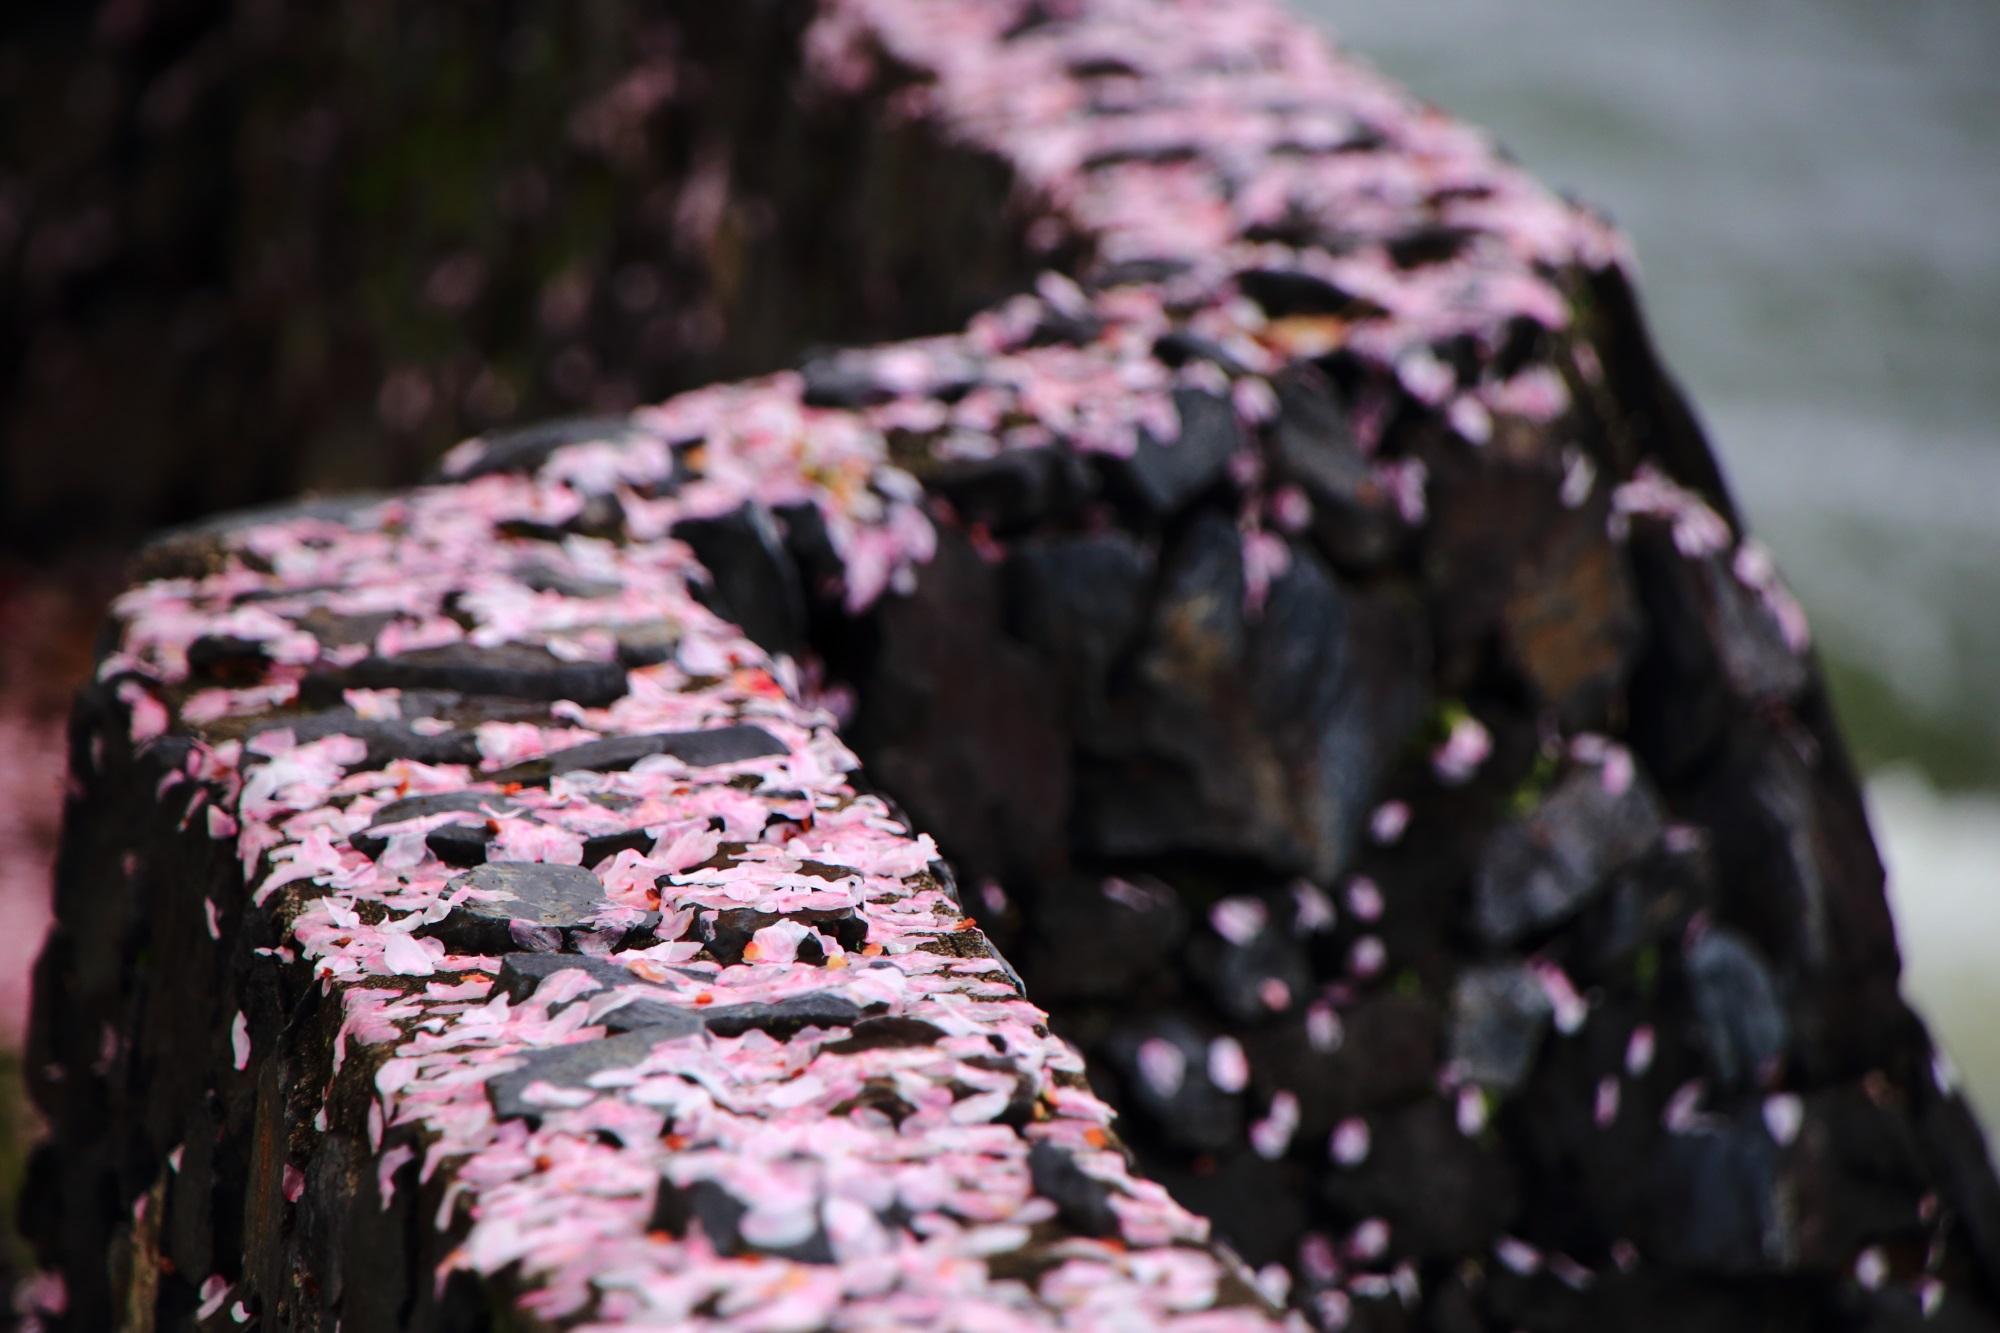 堤防を華やかな春色に染める散った花びら